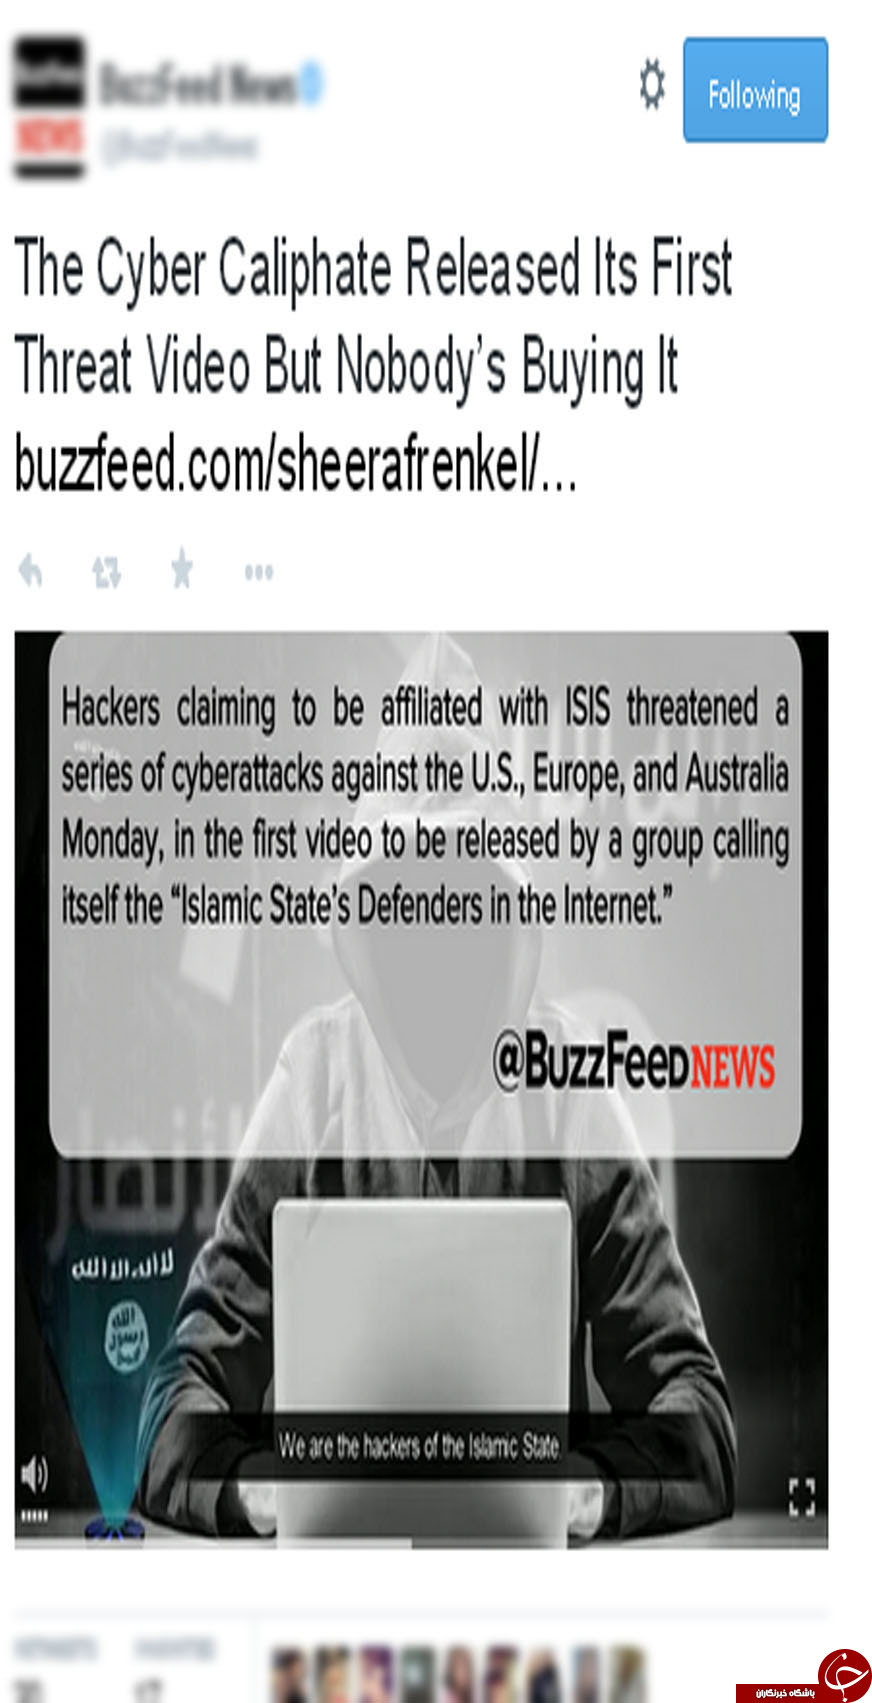 هکرهایی از جنس داعش